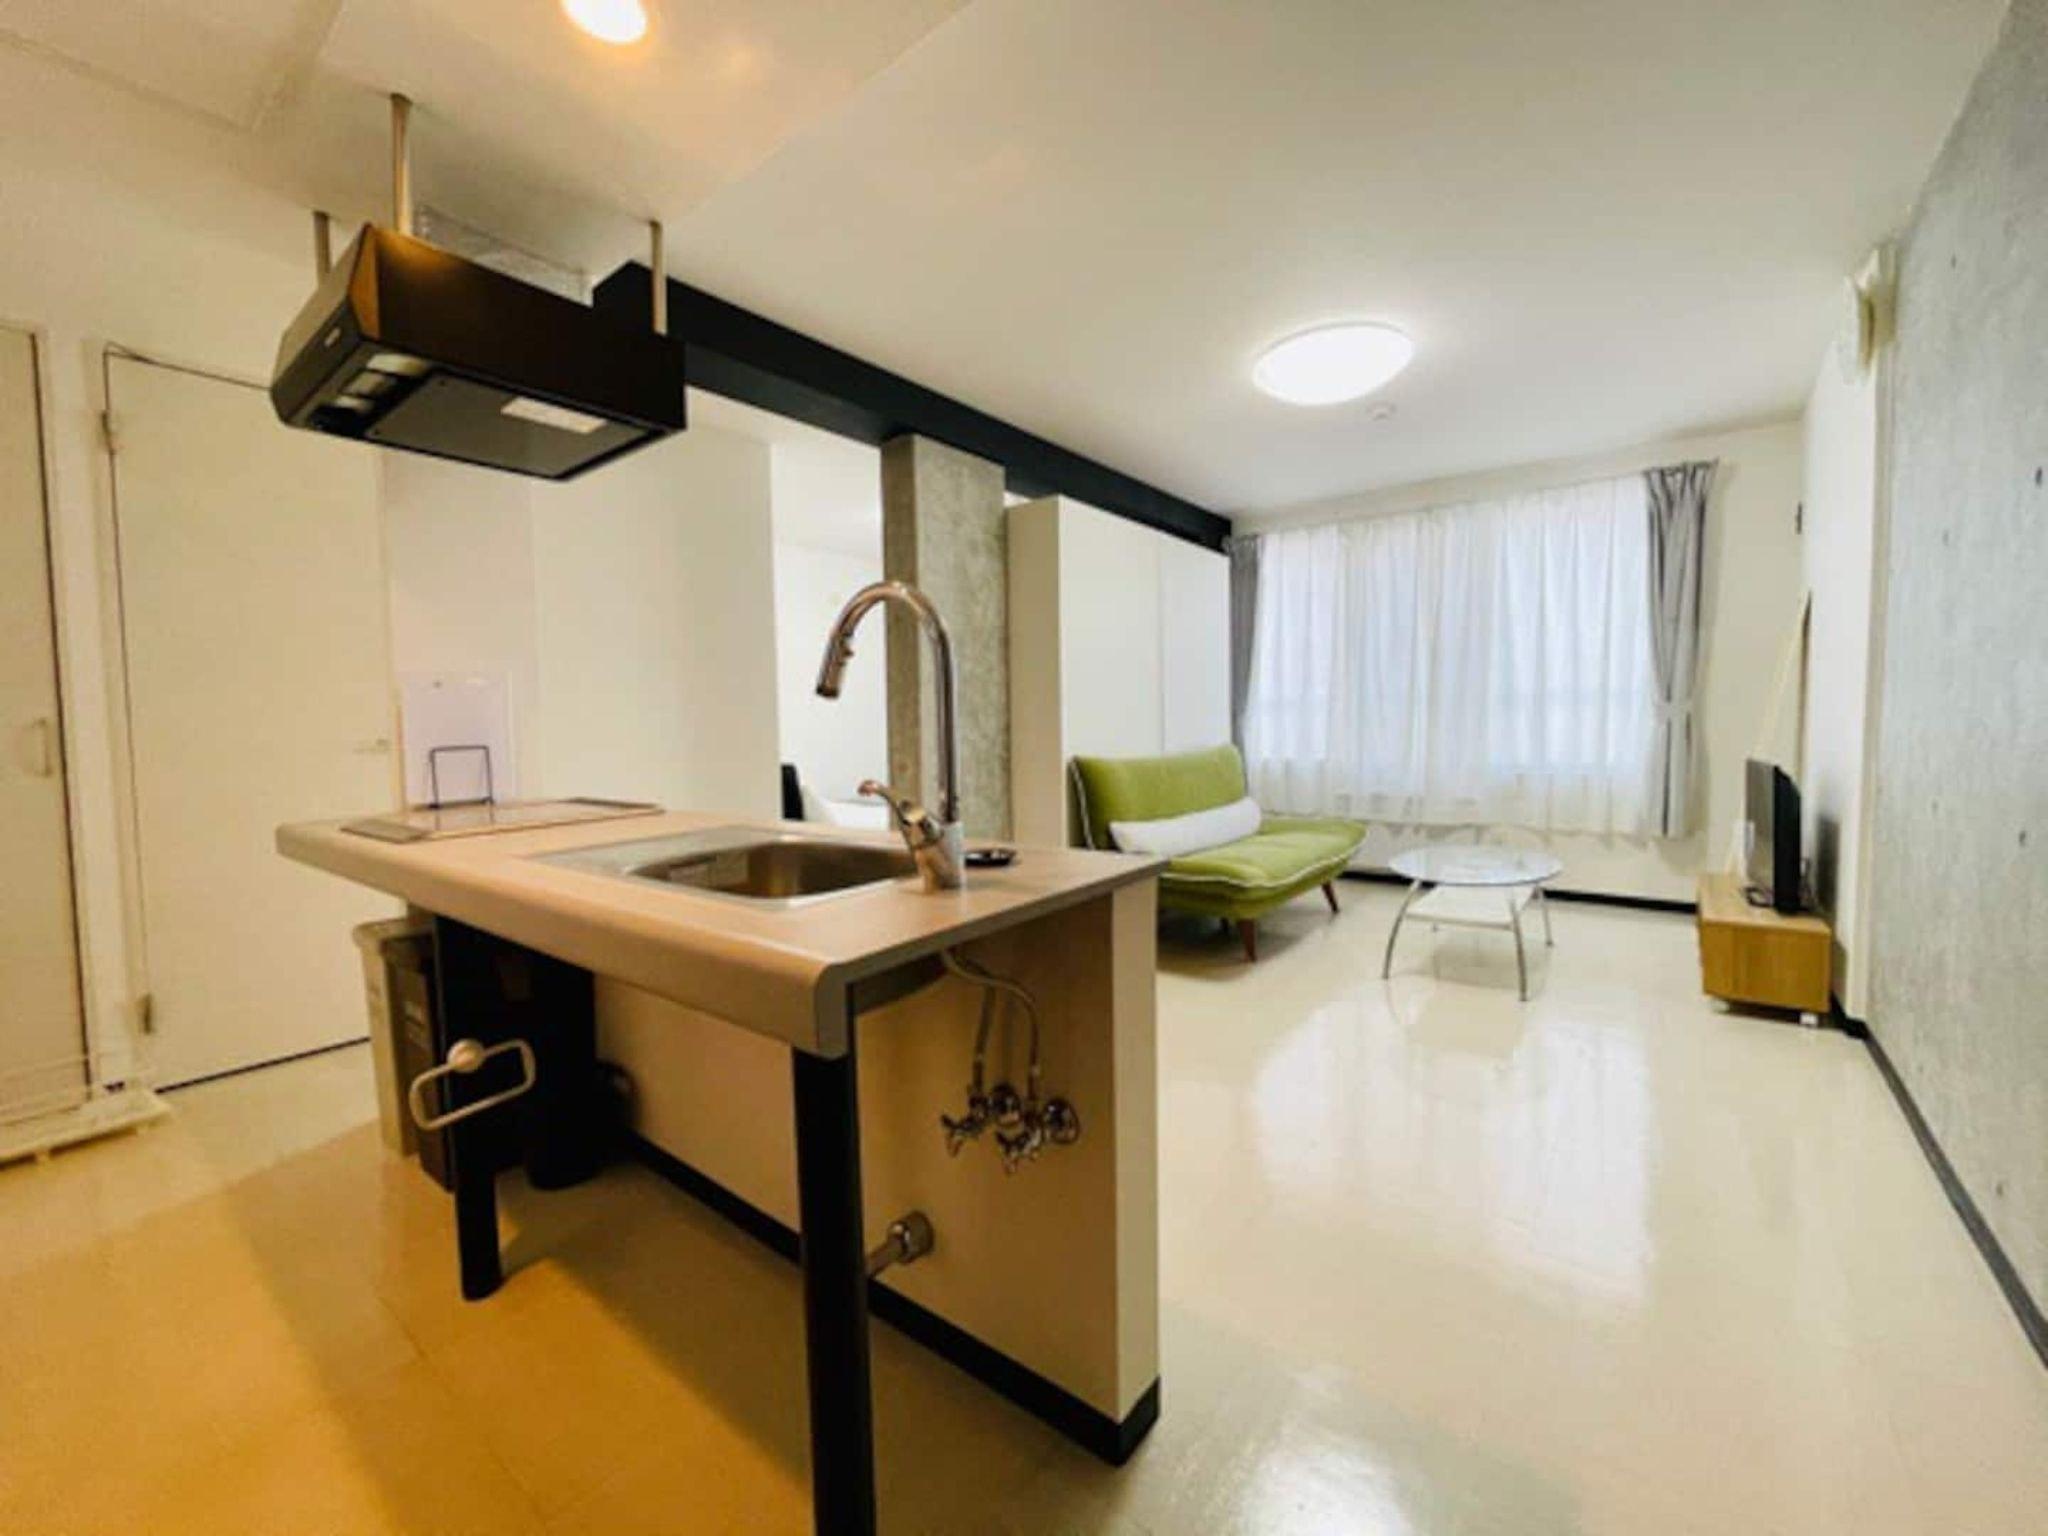 札幌都心部のデザインマンション♪札幌駅徒歩7分と近く、立地・利便・設備充実のおしゃれ部屋♪(405)